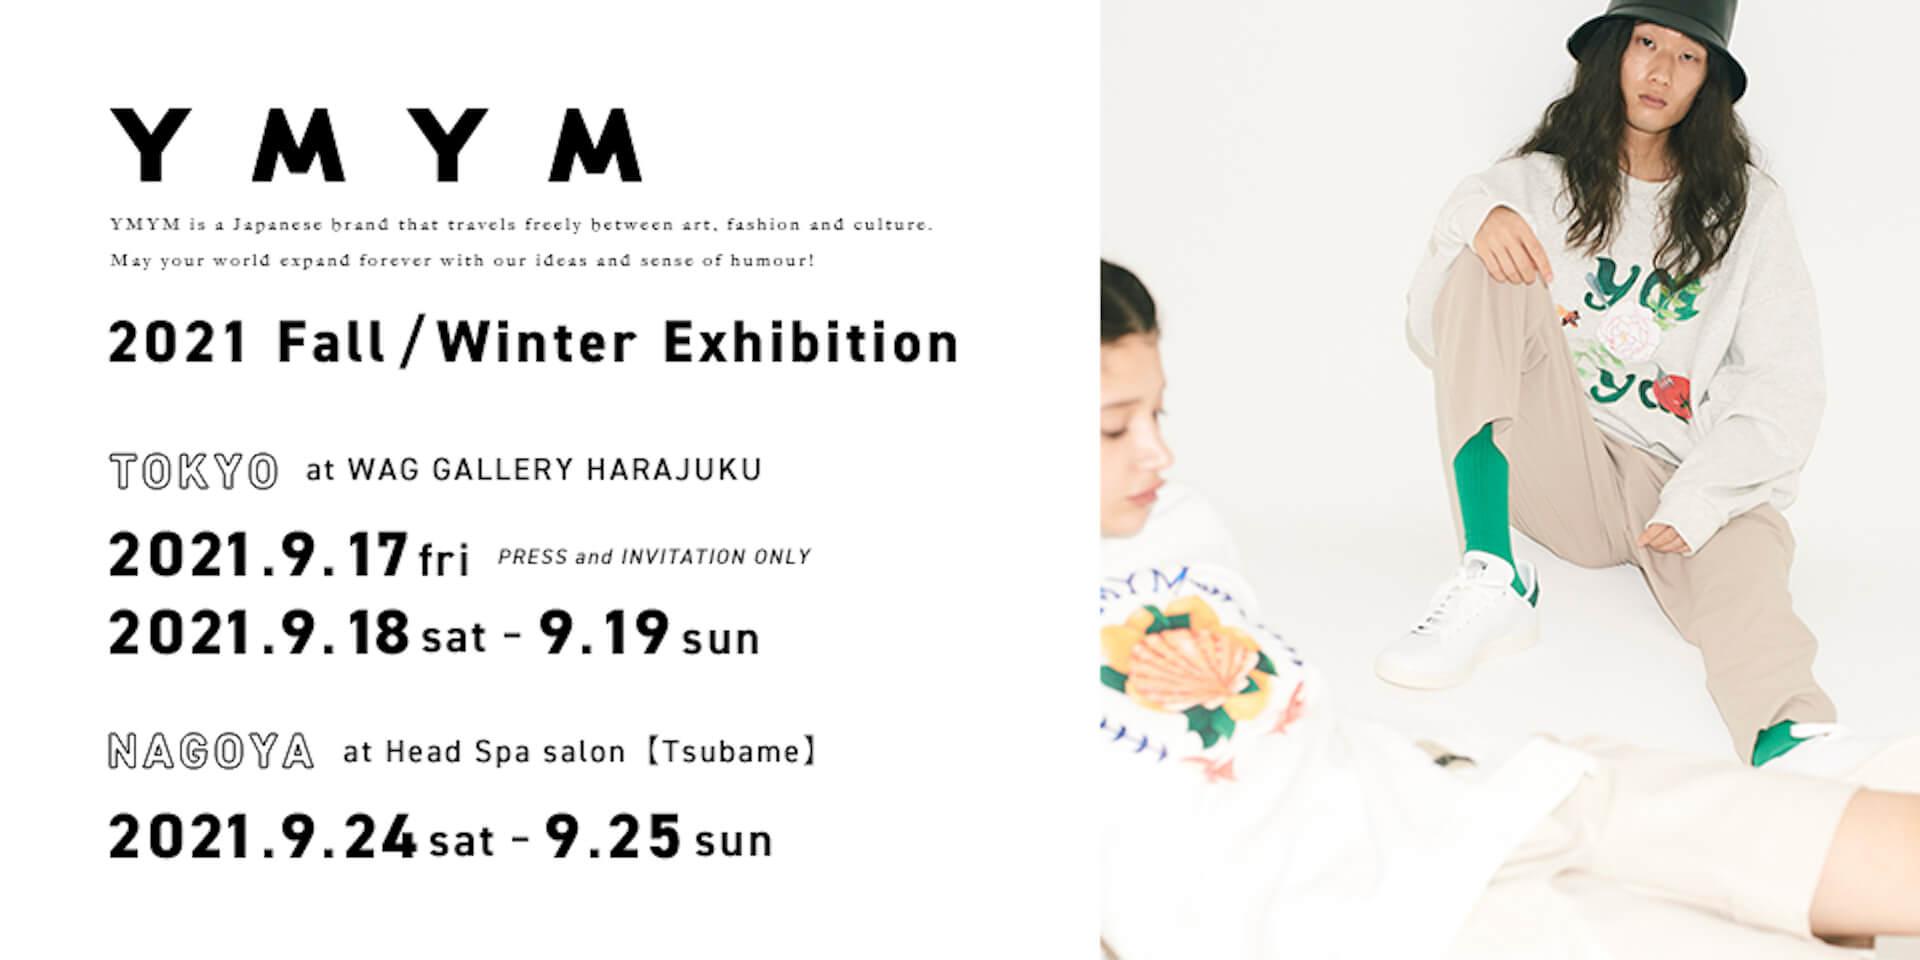 CHAIのYUUKIによるクリエイティブプロジェクト「YMYM」の2021年秋冬のコレクションが公開! life210917_ymym_01